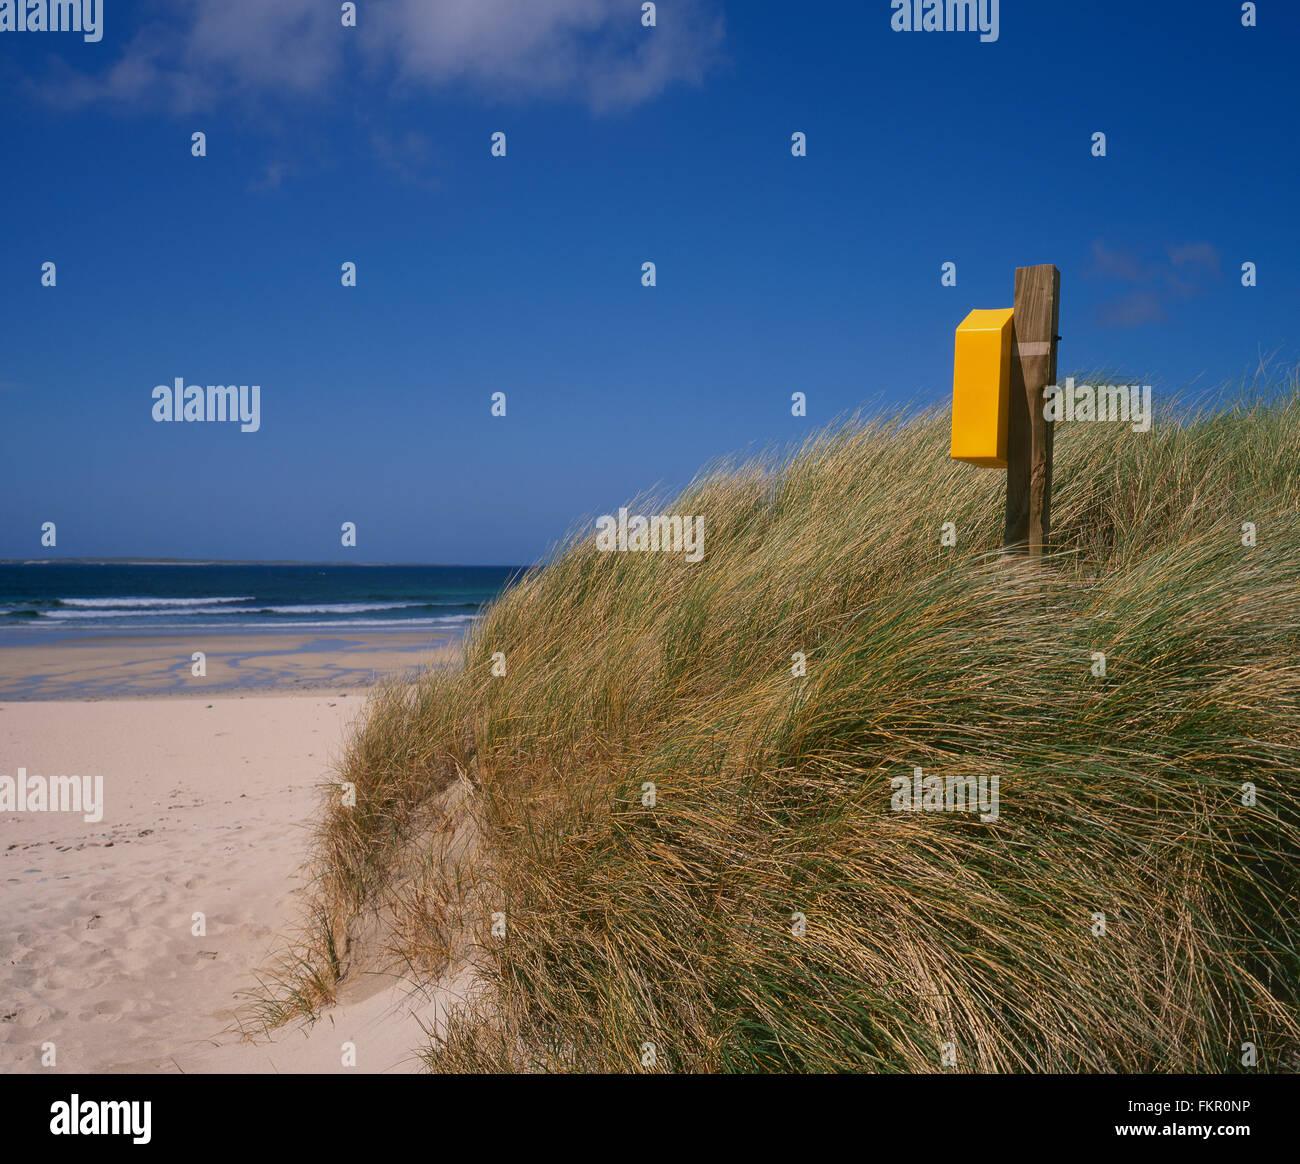 Life buoy on sandy beach, Belmullet, Co Mayo, West Coast of Ireland, Ireland - Stock Image